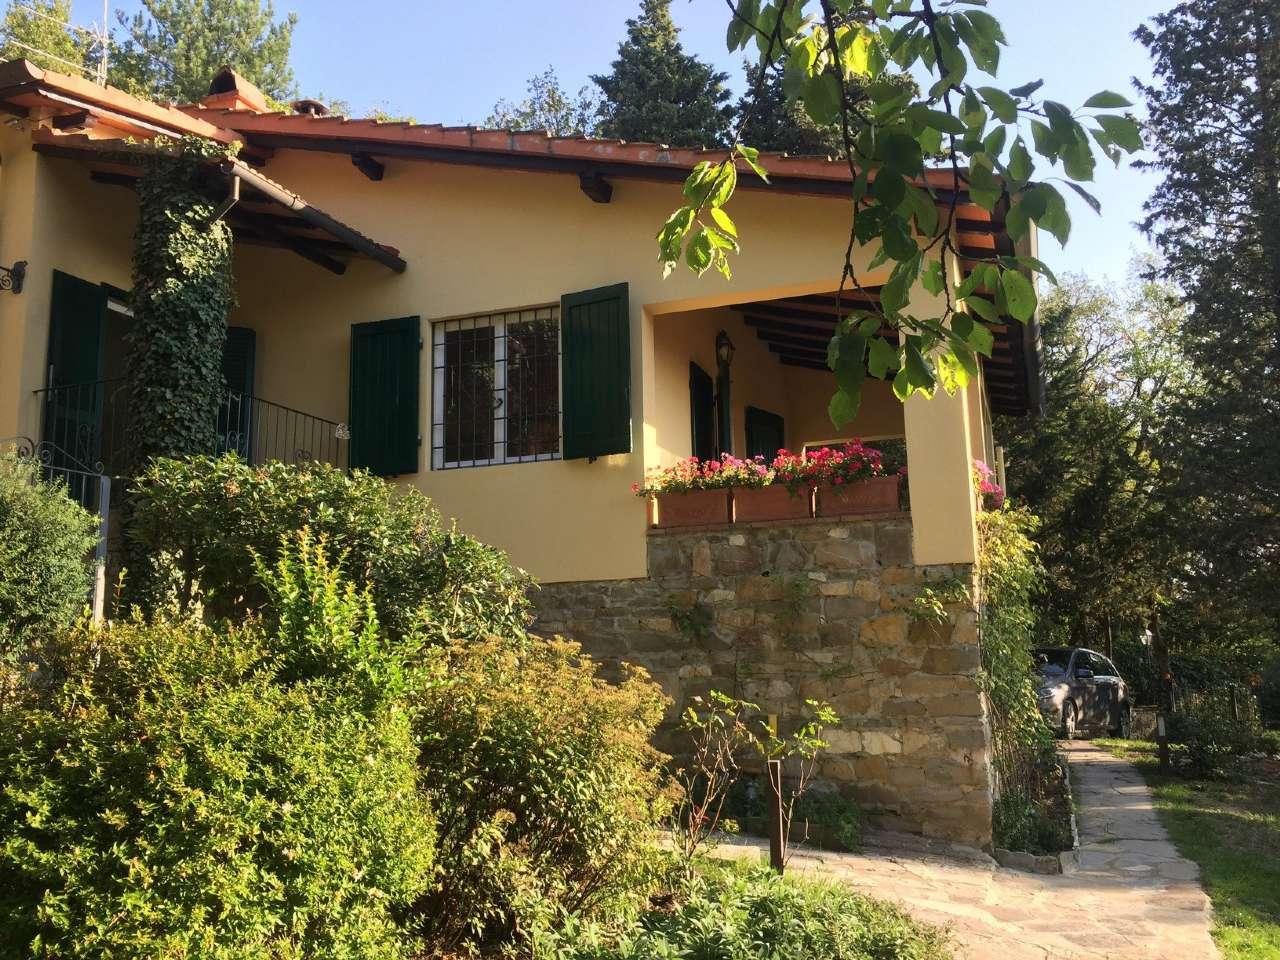 Villa in Vendita a Fiesole Periferia: 5 locali, 140 mq